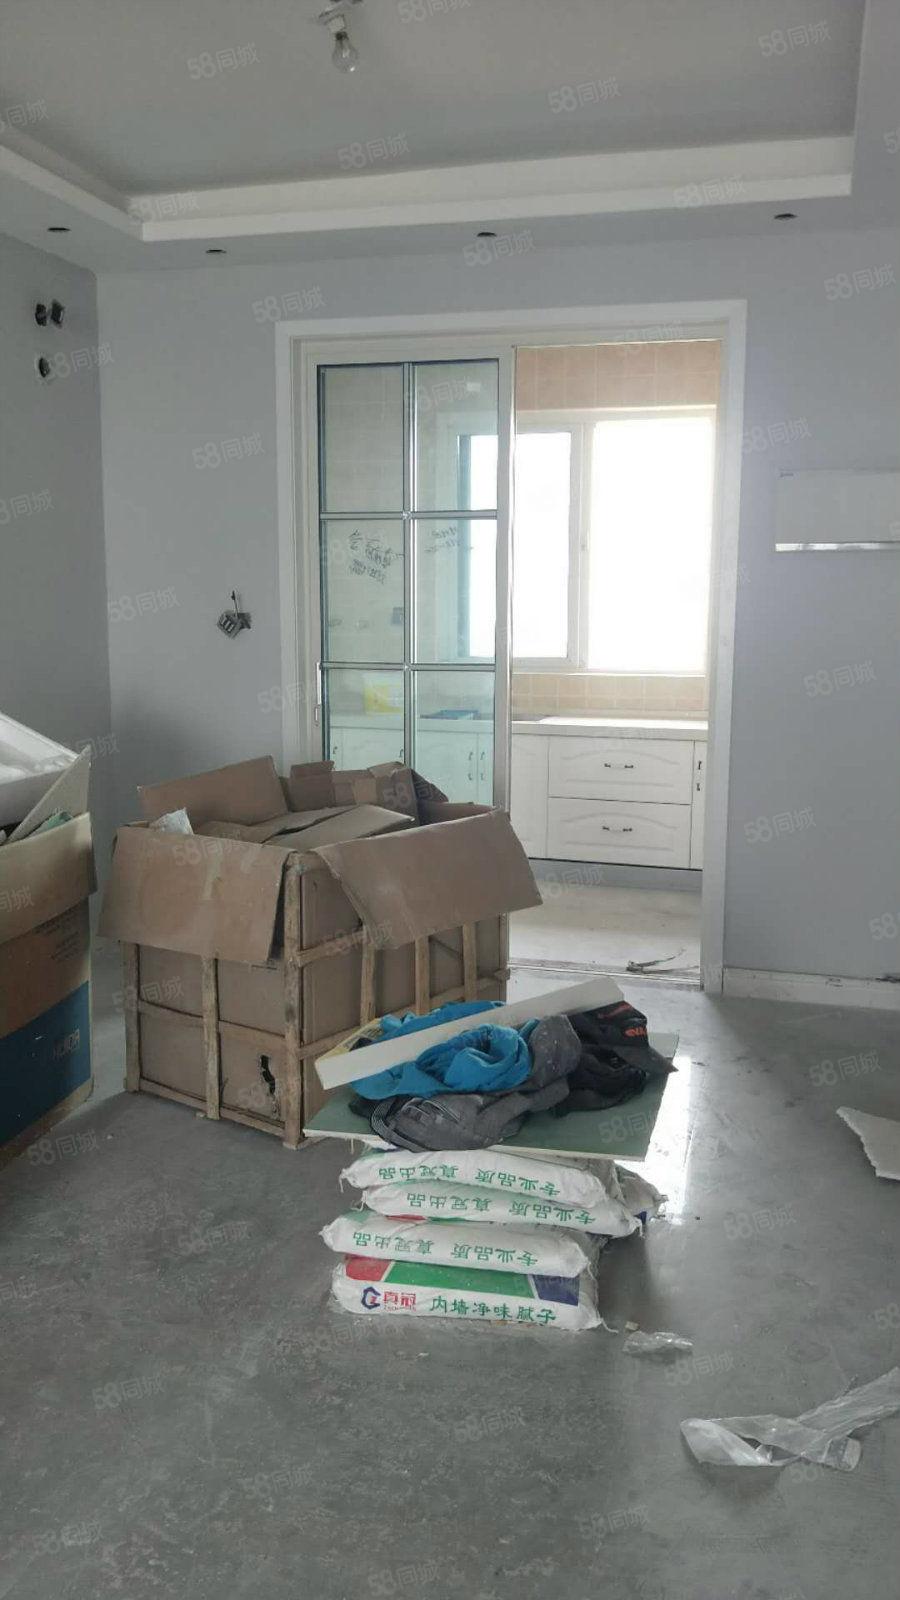 急售,碧桂园164平4房2厅3卫,精装现房,随时过户,非诚勿